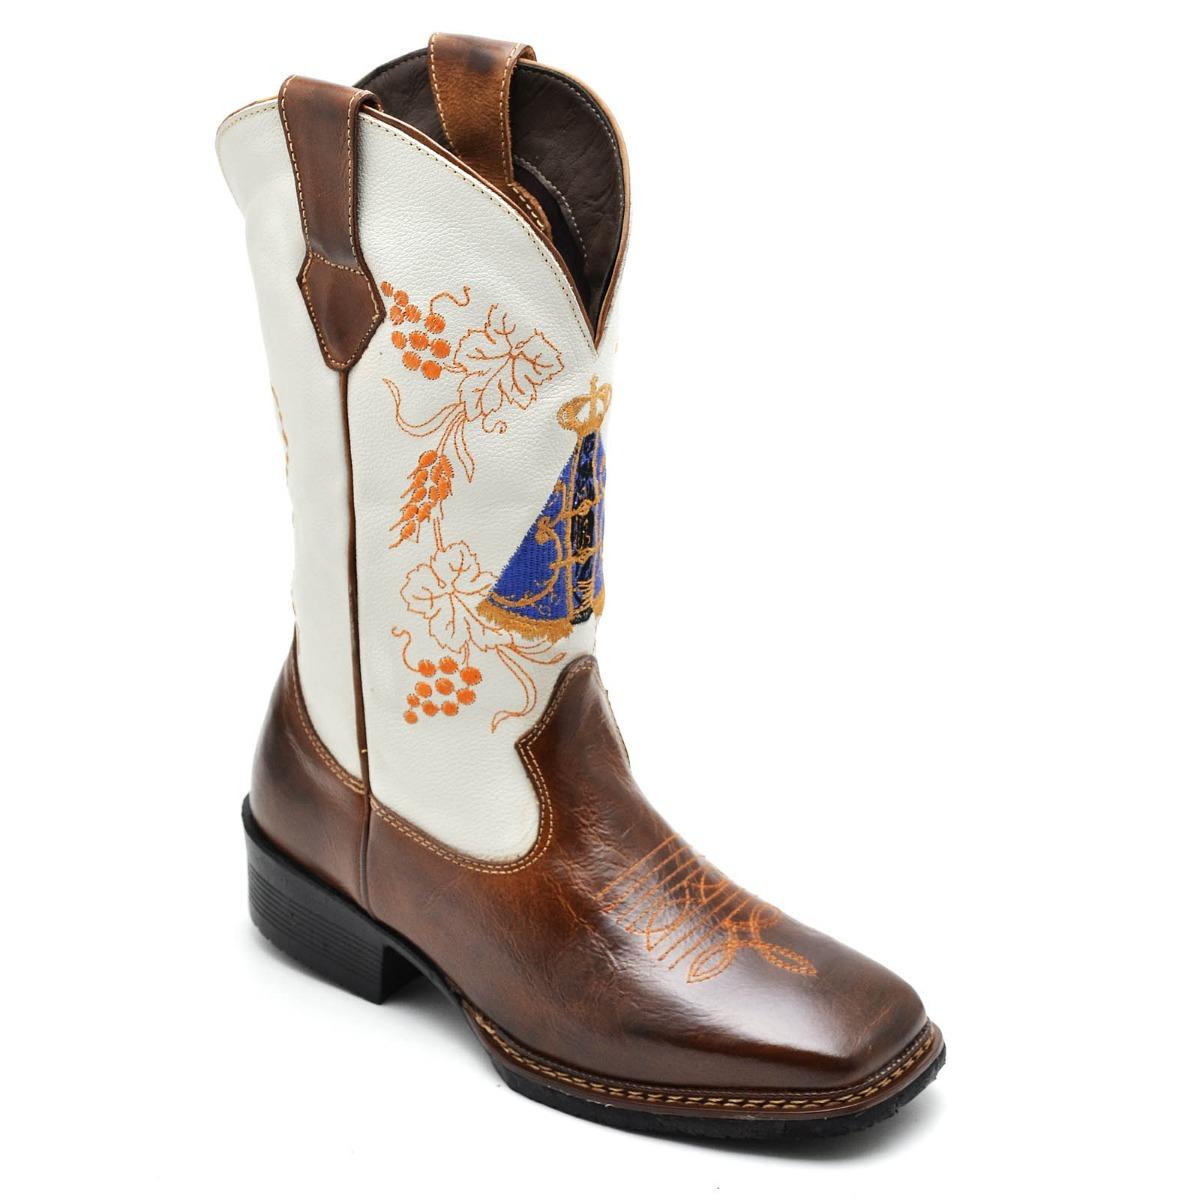 Bota feminina texana cano alto country couro nossa senhora carregando zoom  jpg 1200x1200 Botas femininas country 7603e551ff5